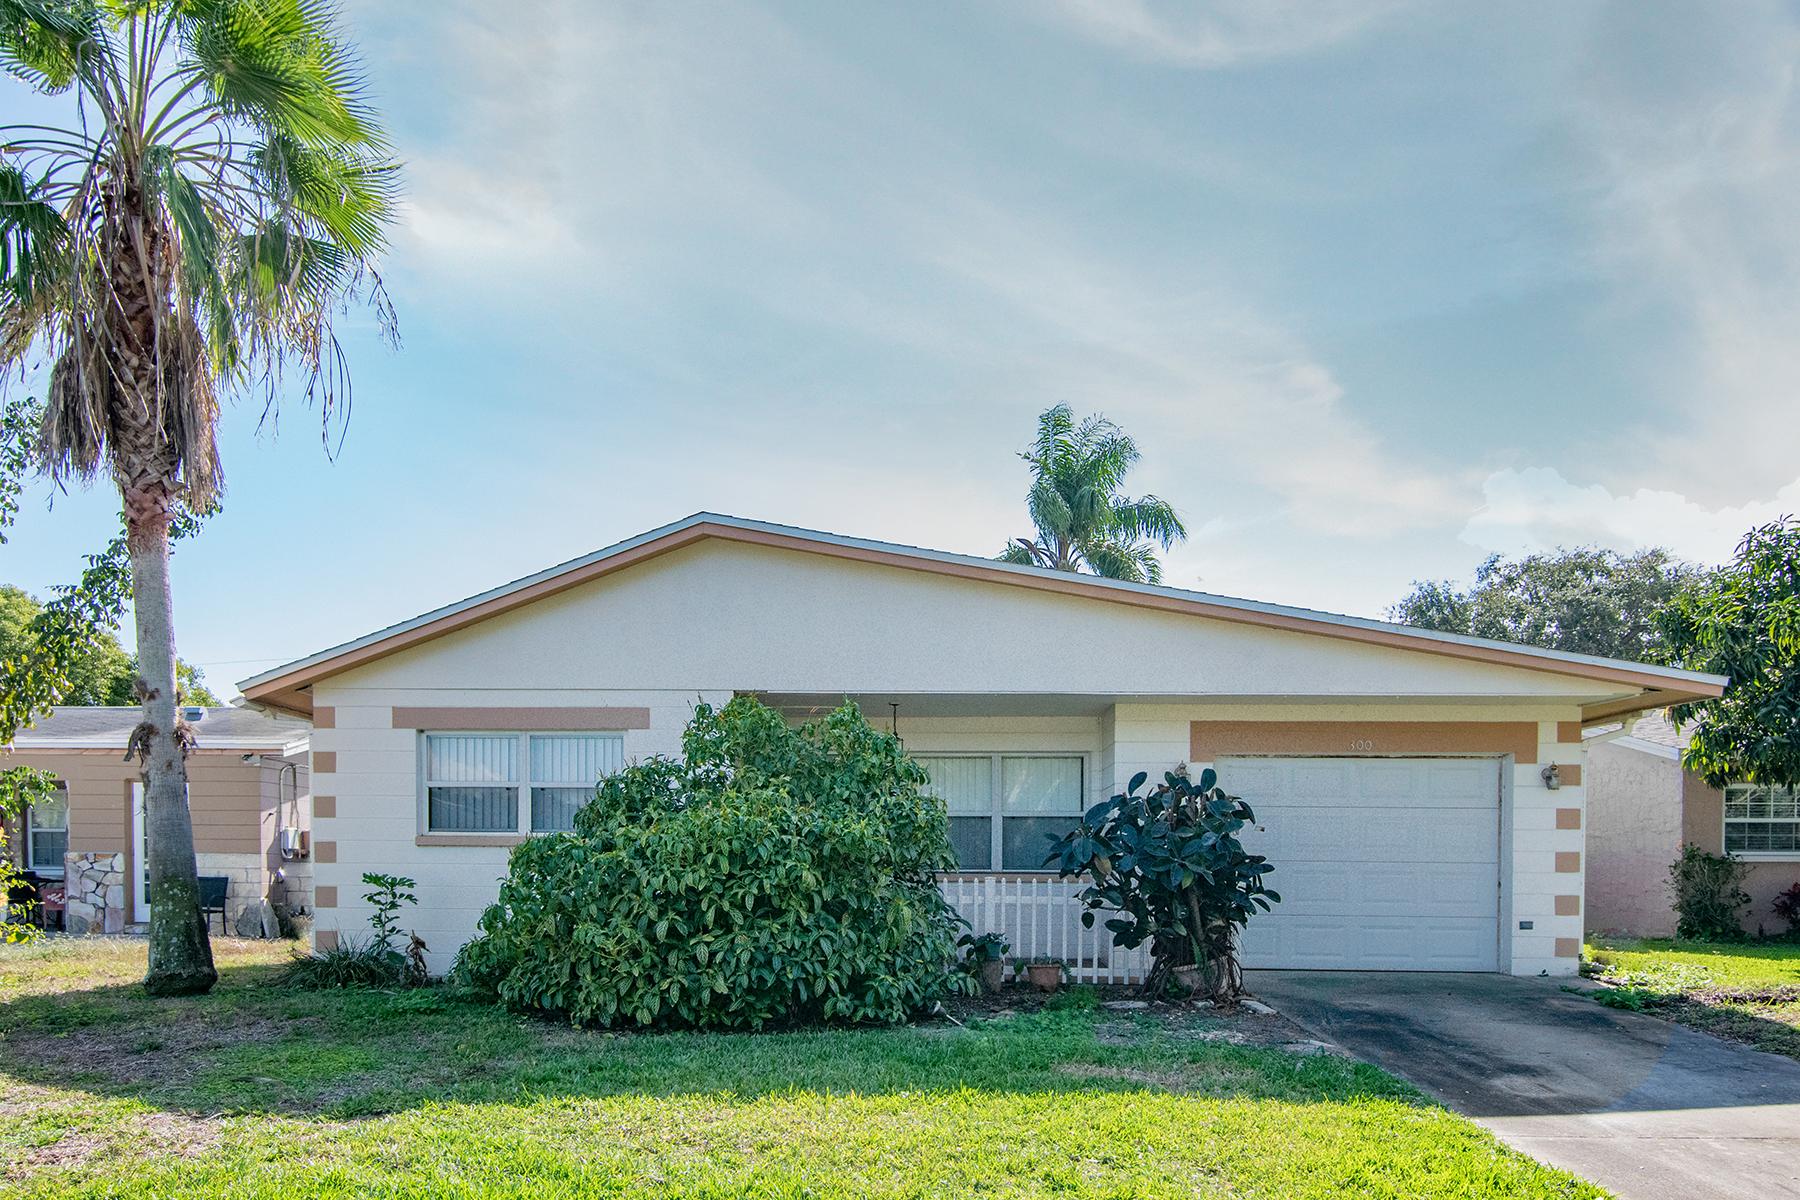 獨棟家庭住宅 為 出售 在 ST PETERSBURG 300 94th Ave N St. Petersburg, 佛羅里達州, 33702 美國